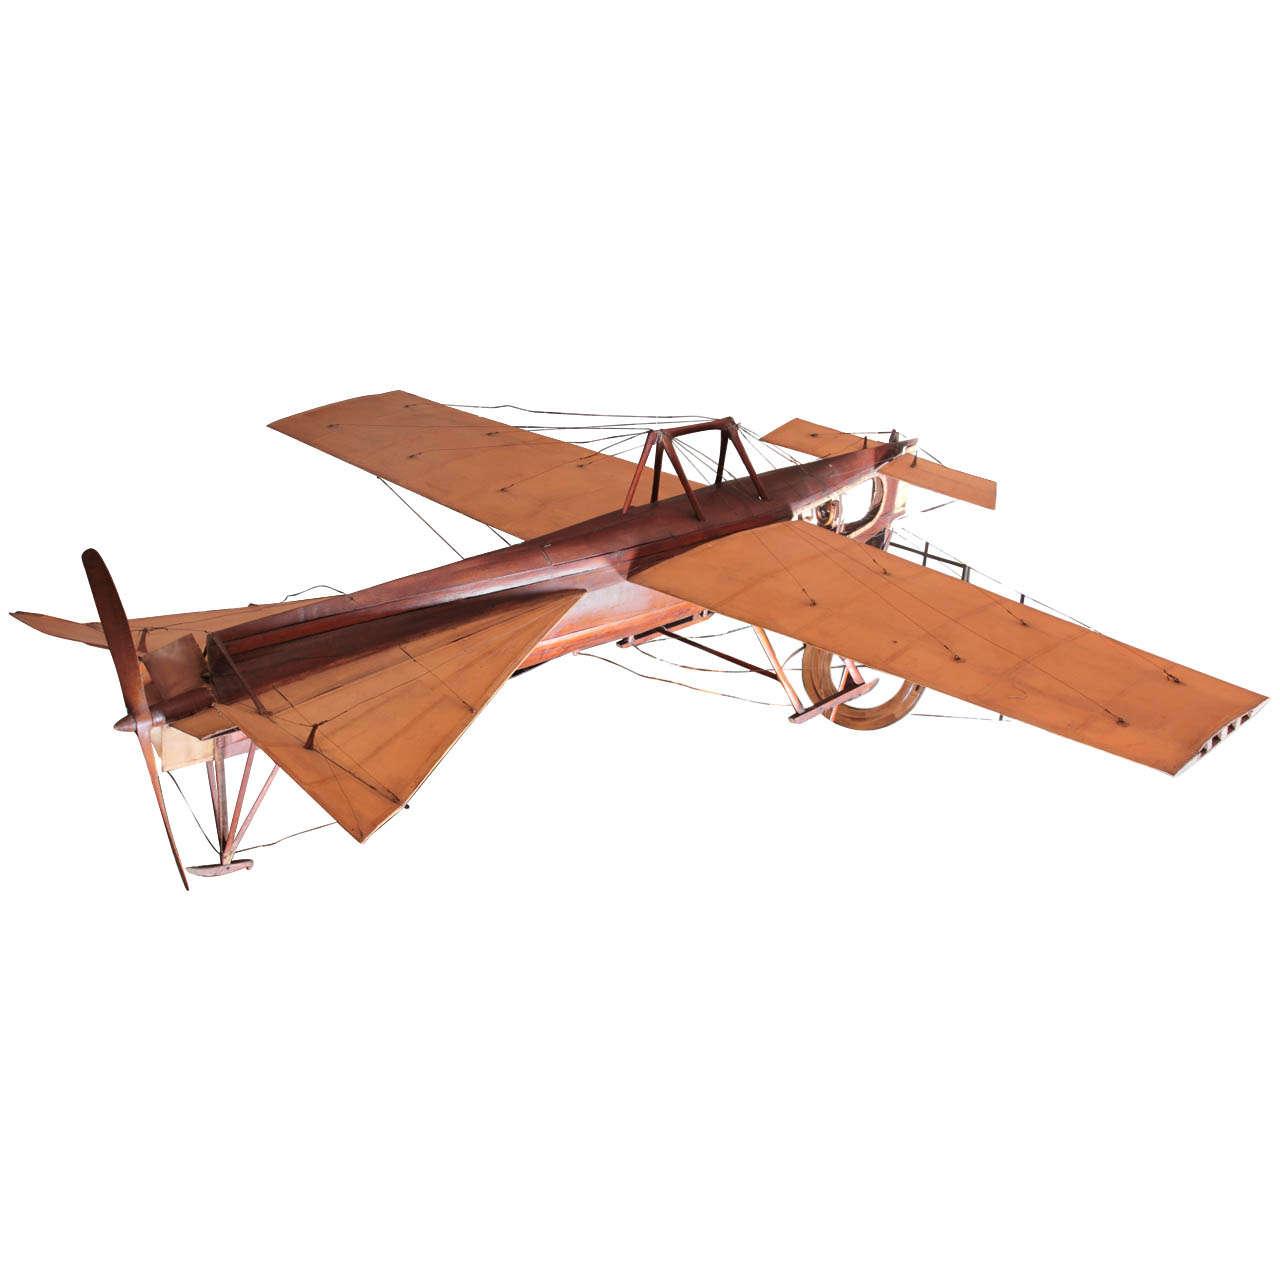 Conceptual Aircraft